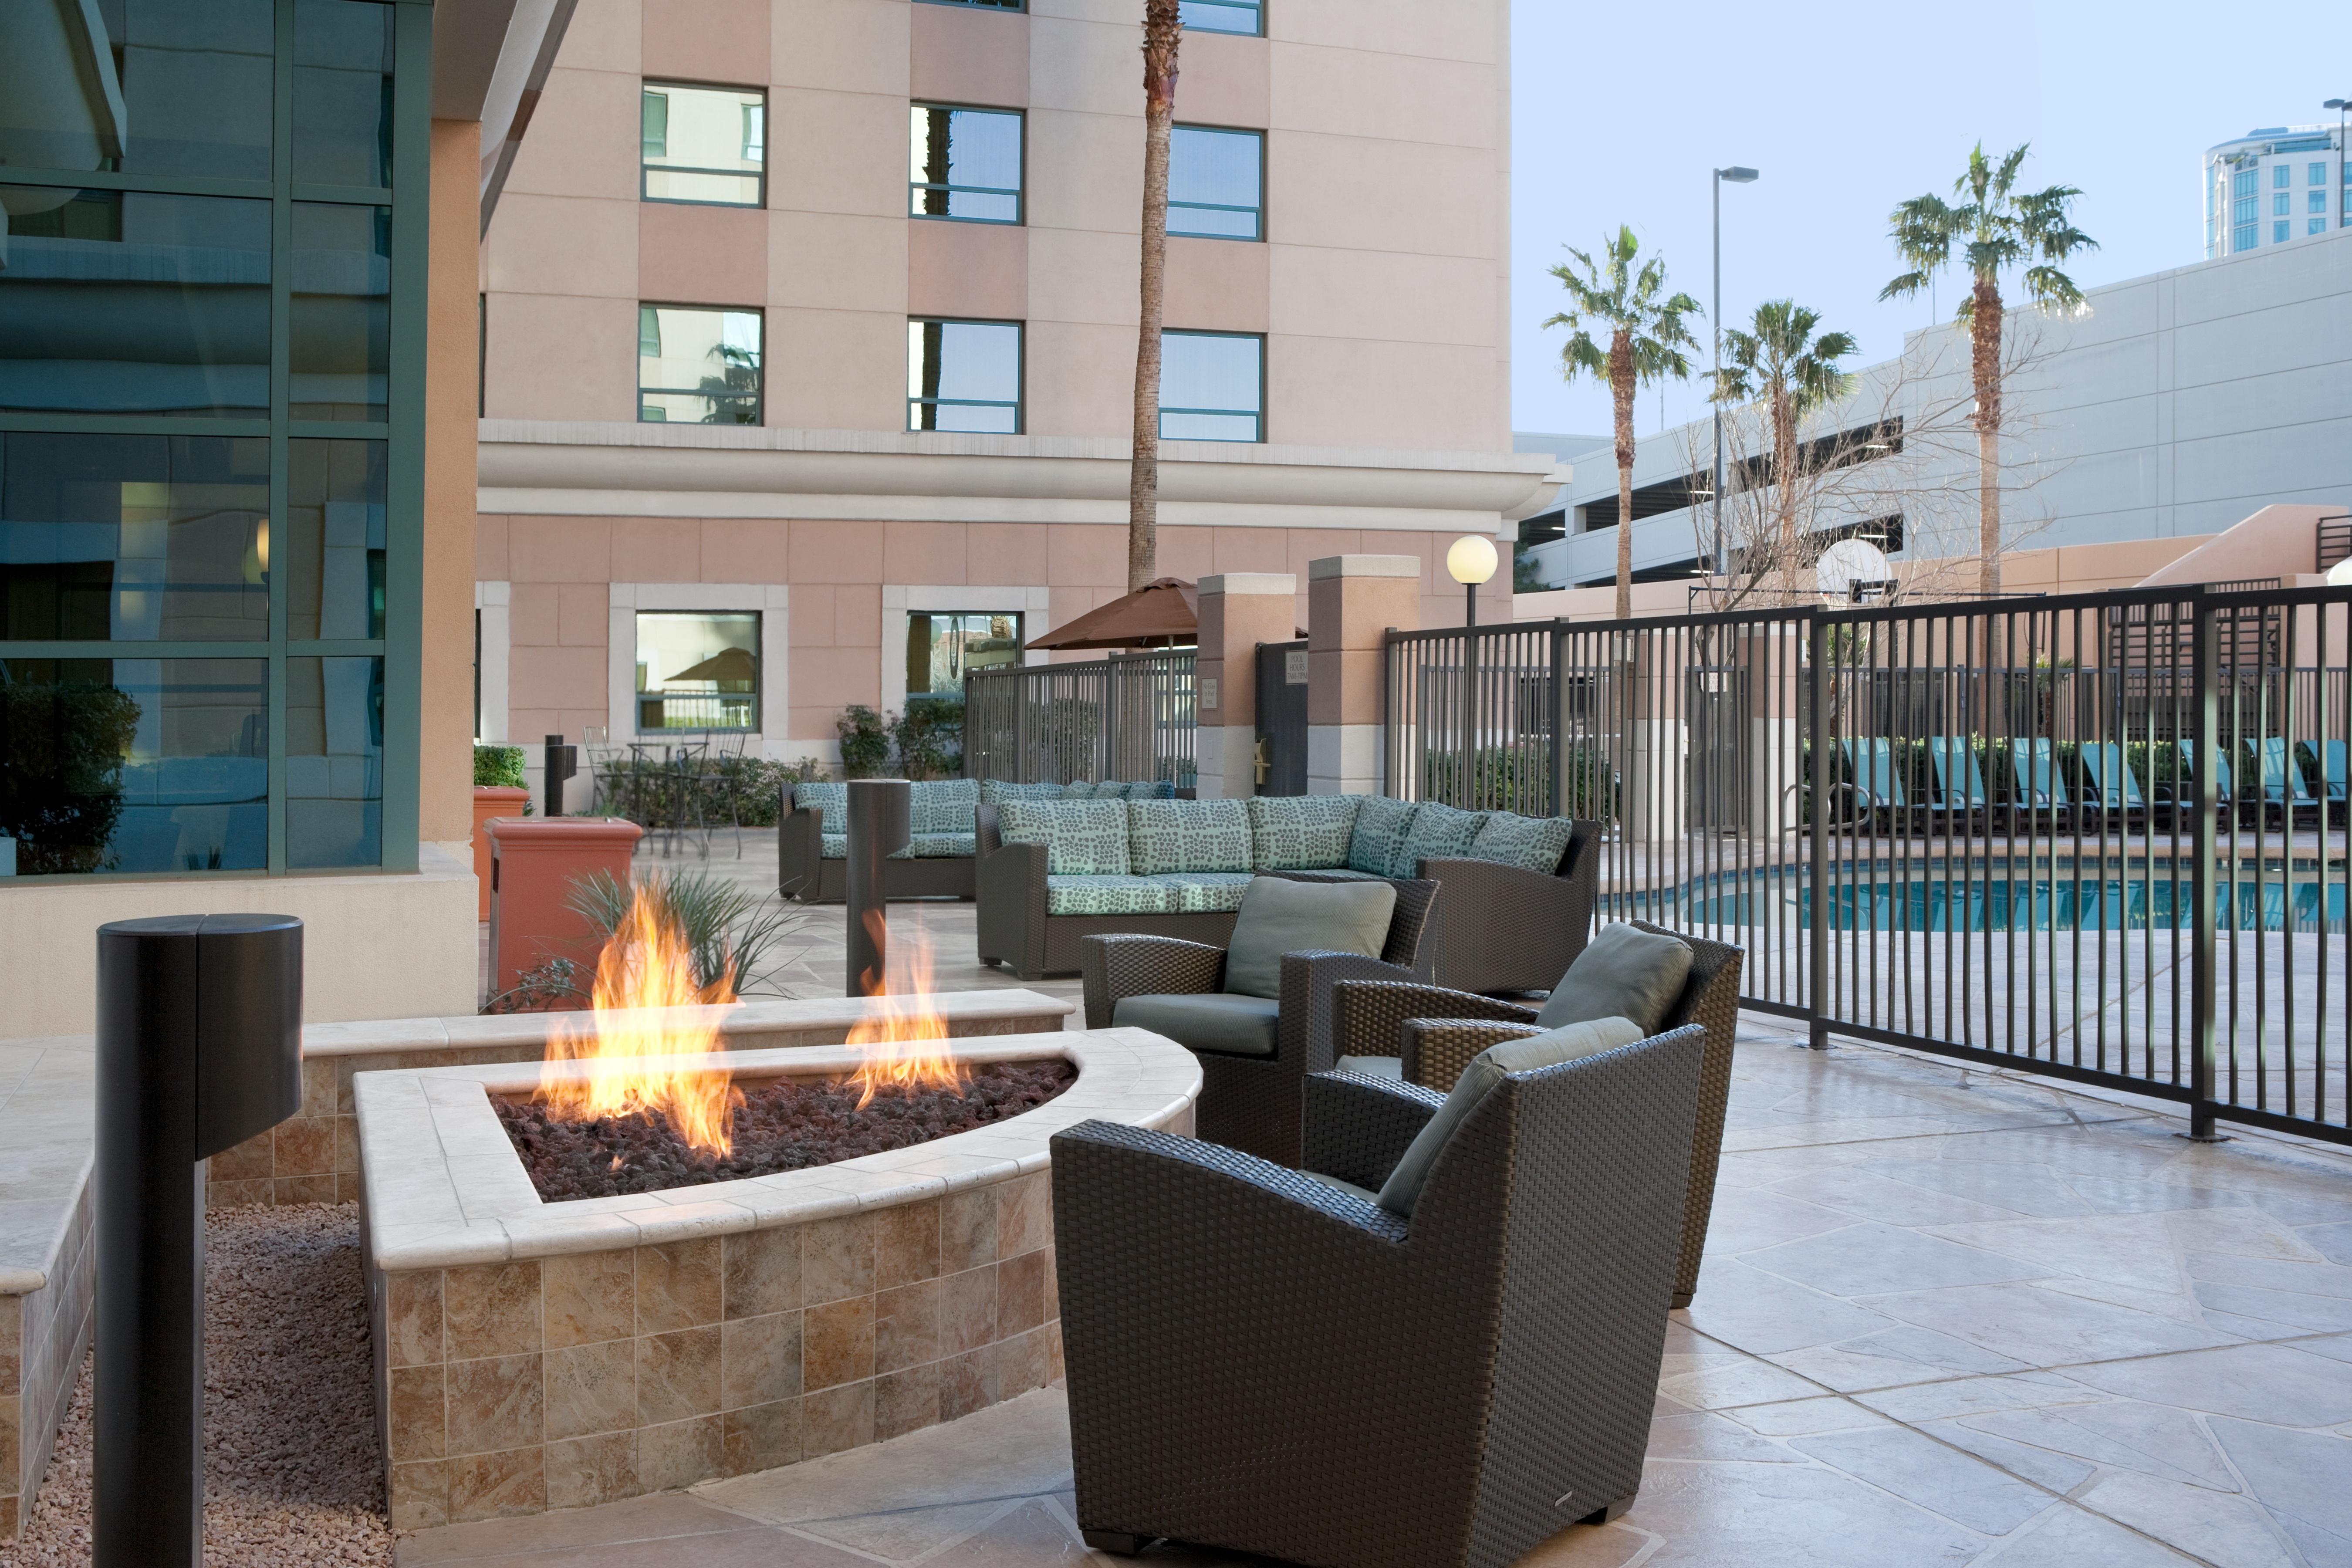 Residence Inn by Marriott Las Vegas Hughes Center image 3